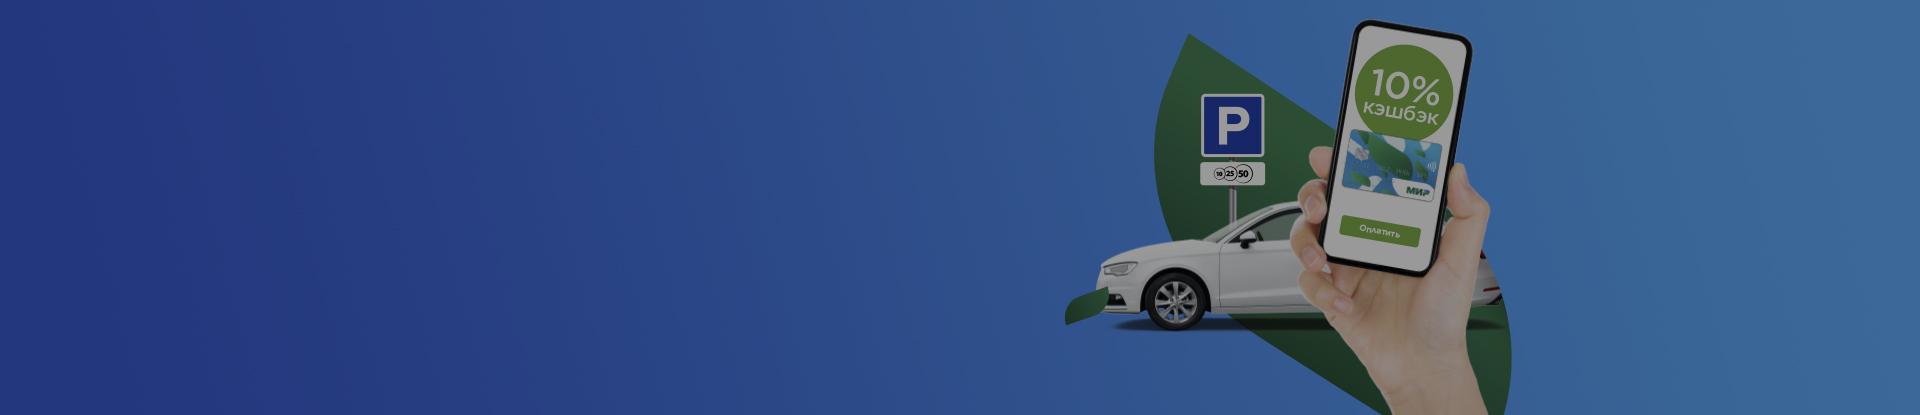 Паркуйся с выгодой!